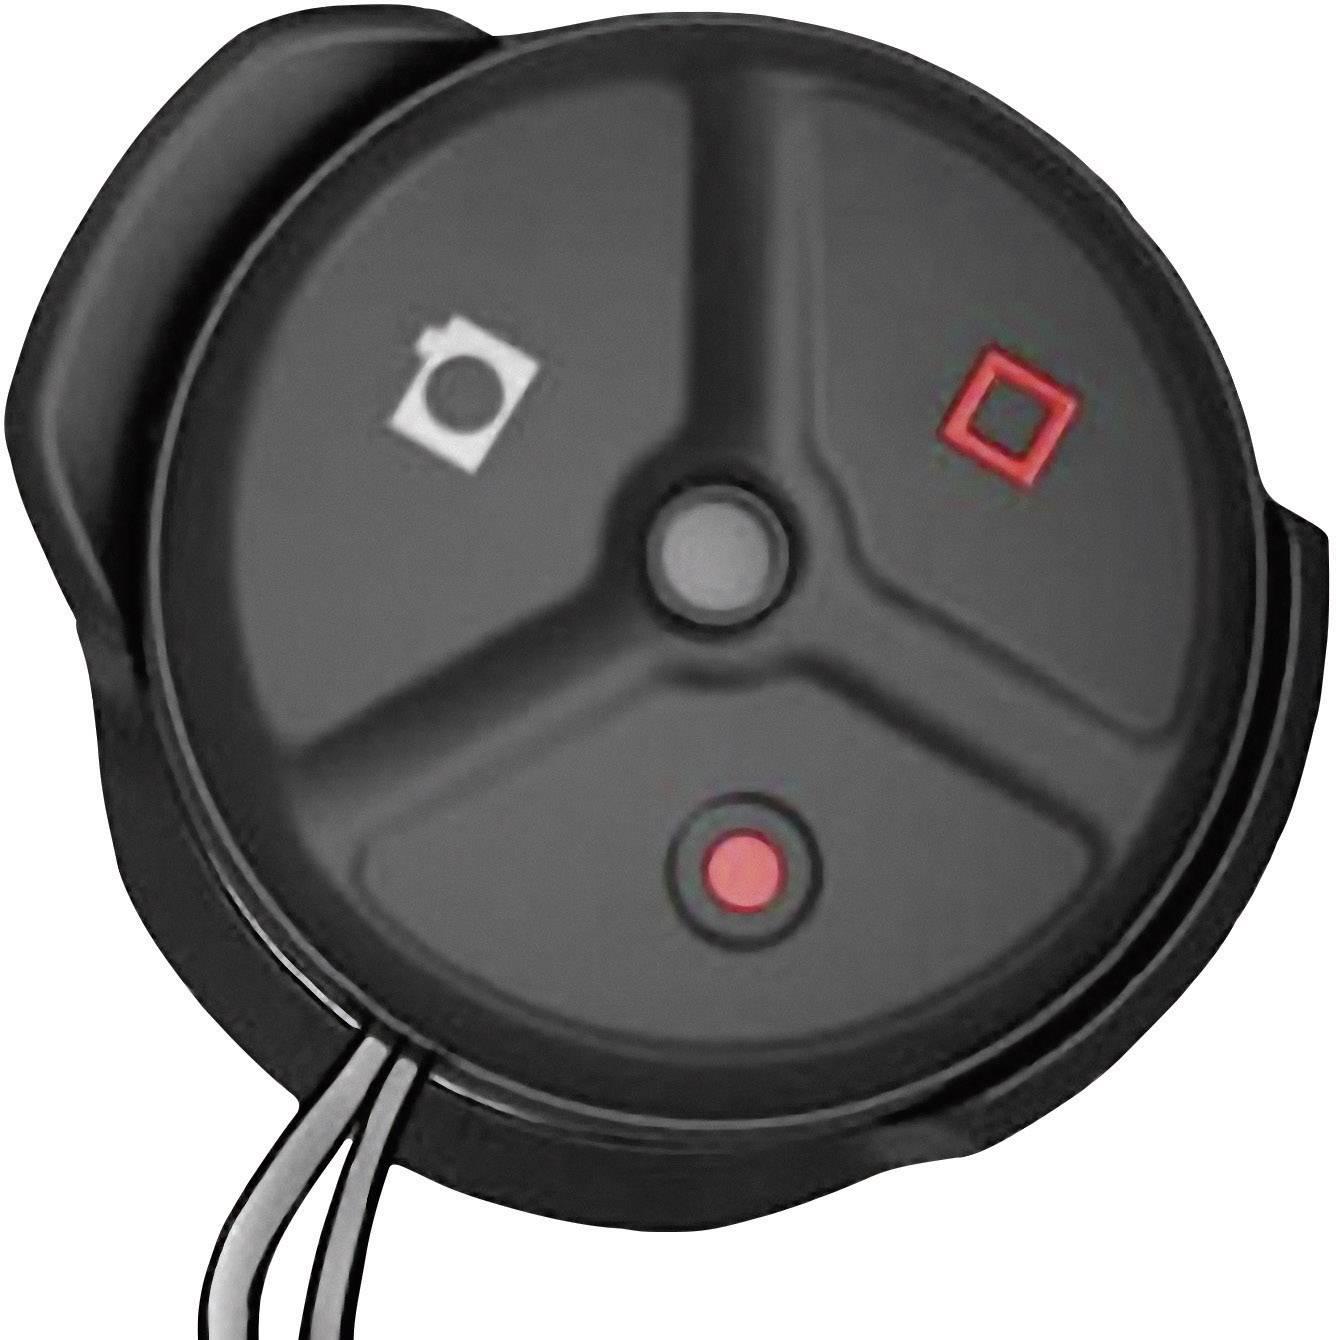 Dálkové ovládání Garmin Télécommande 010-12094-00 vhodné pro=Garmin VIRB, Garmin VIRB Elite